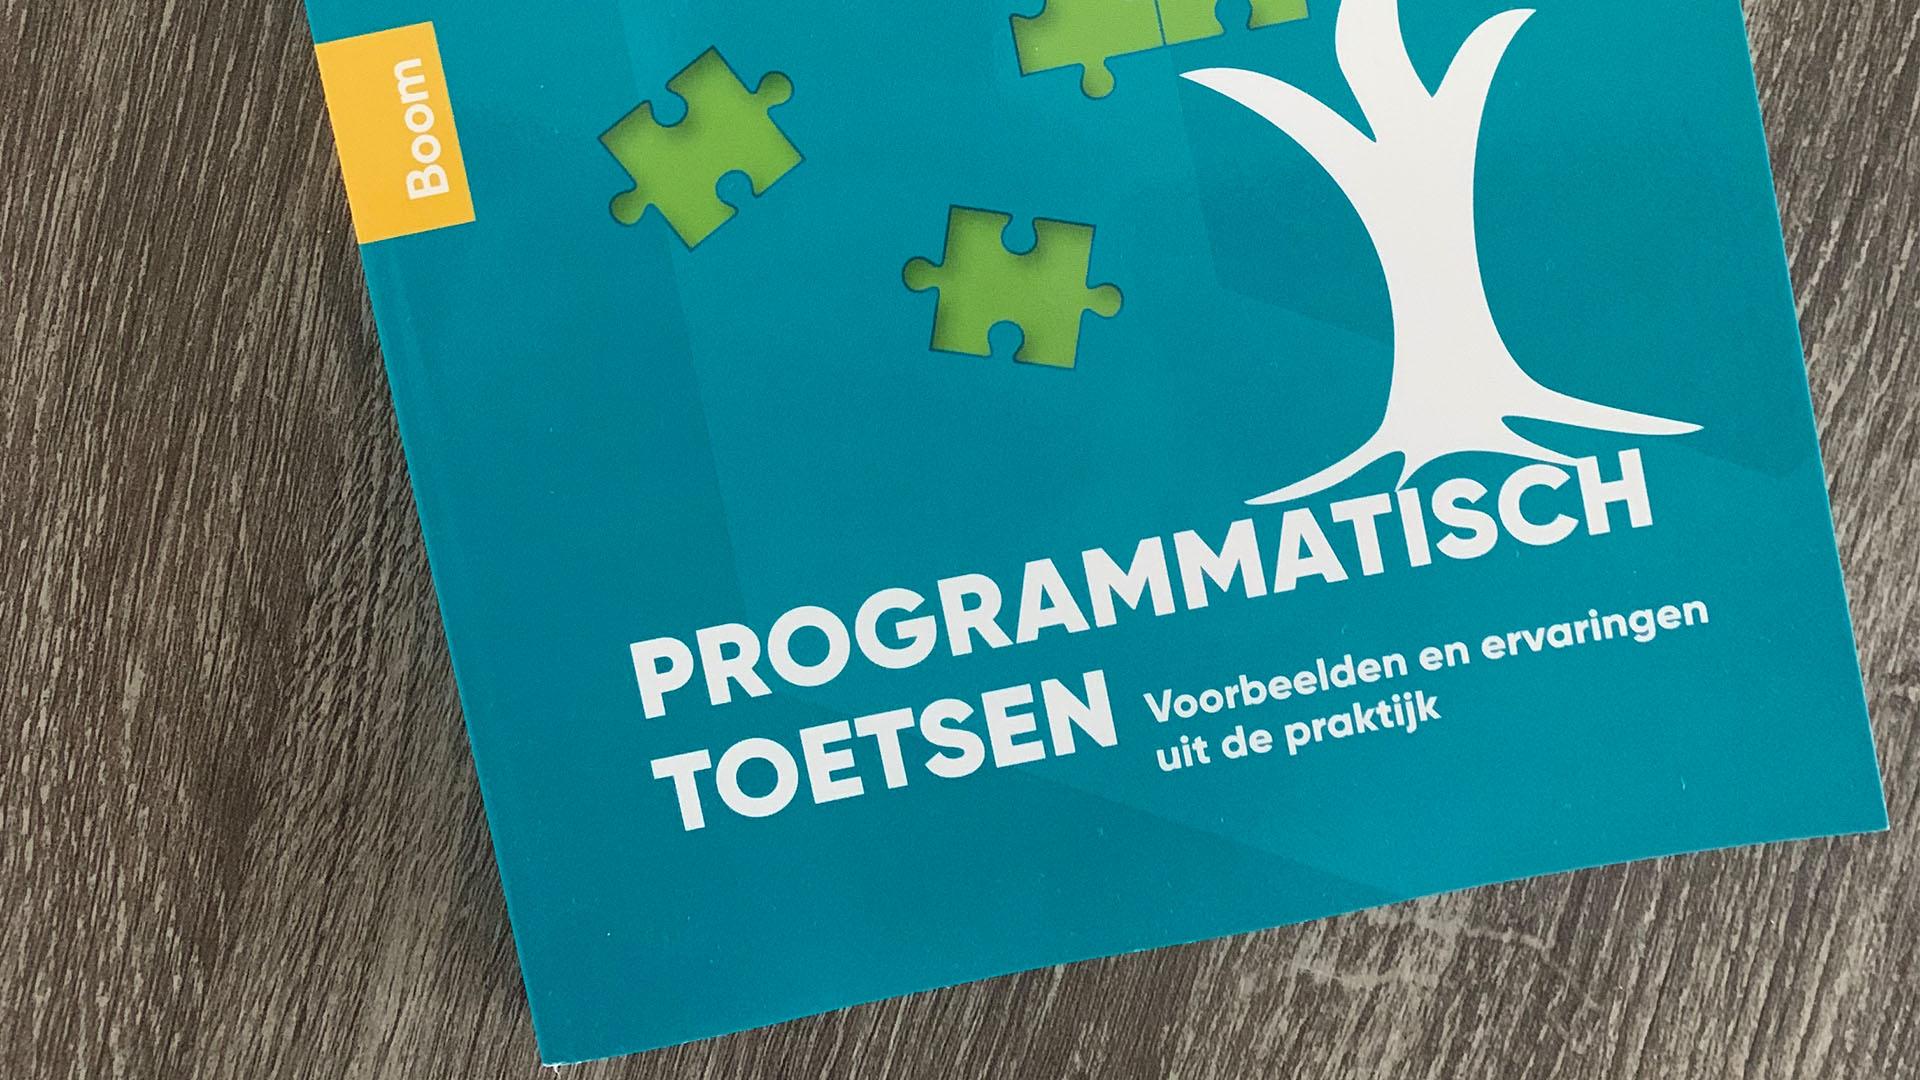 Boek Programmatisch Toetsen